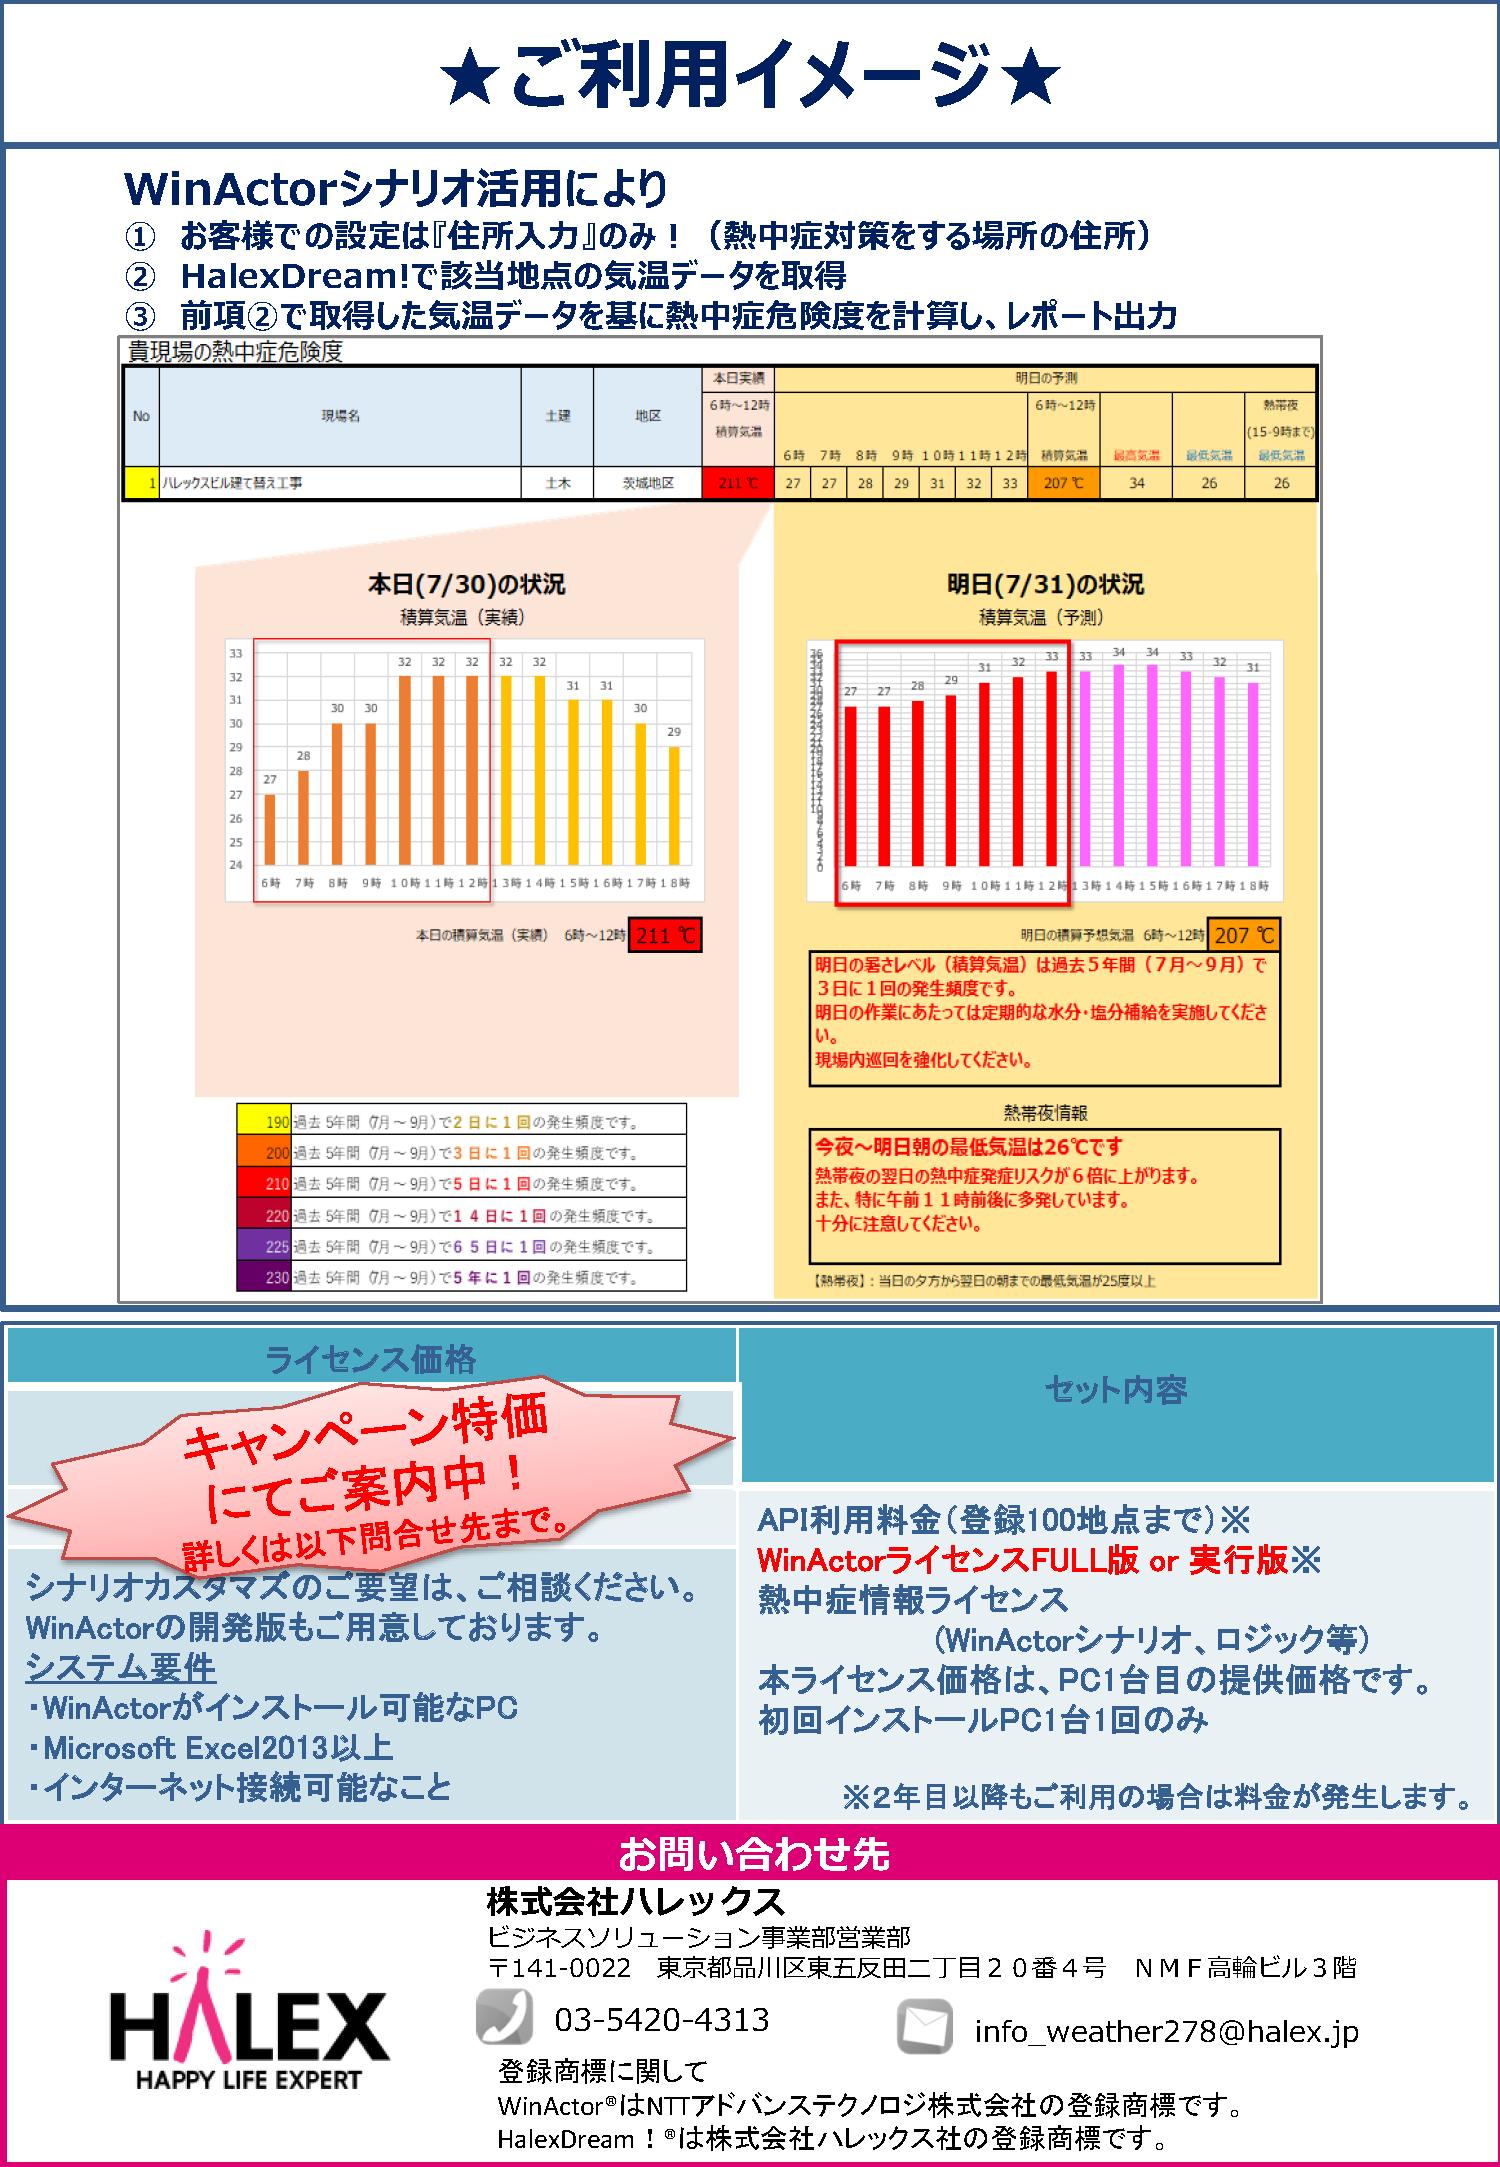 熱中症対策ツールパンフレット(キャンペーン)_ページ_2